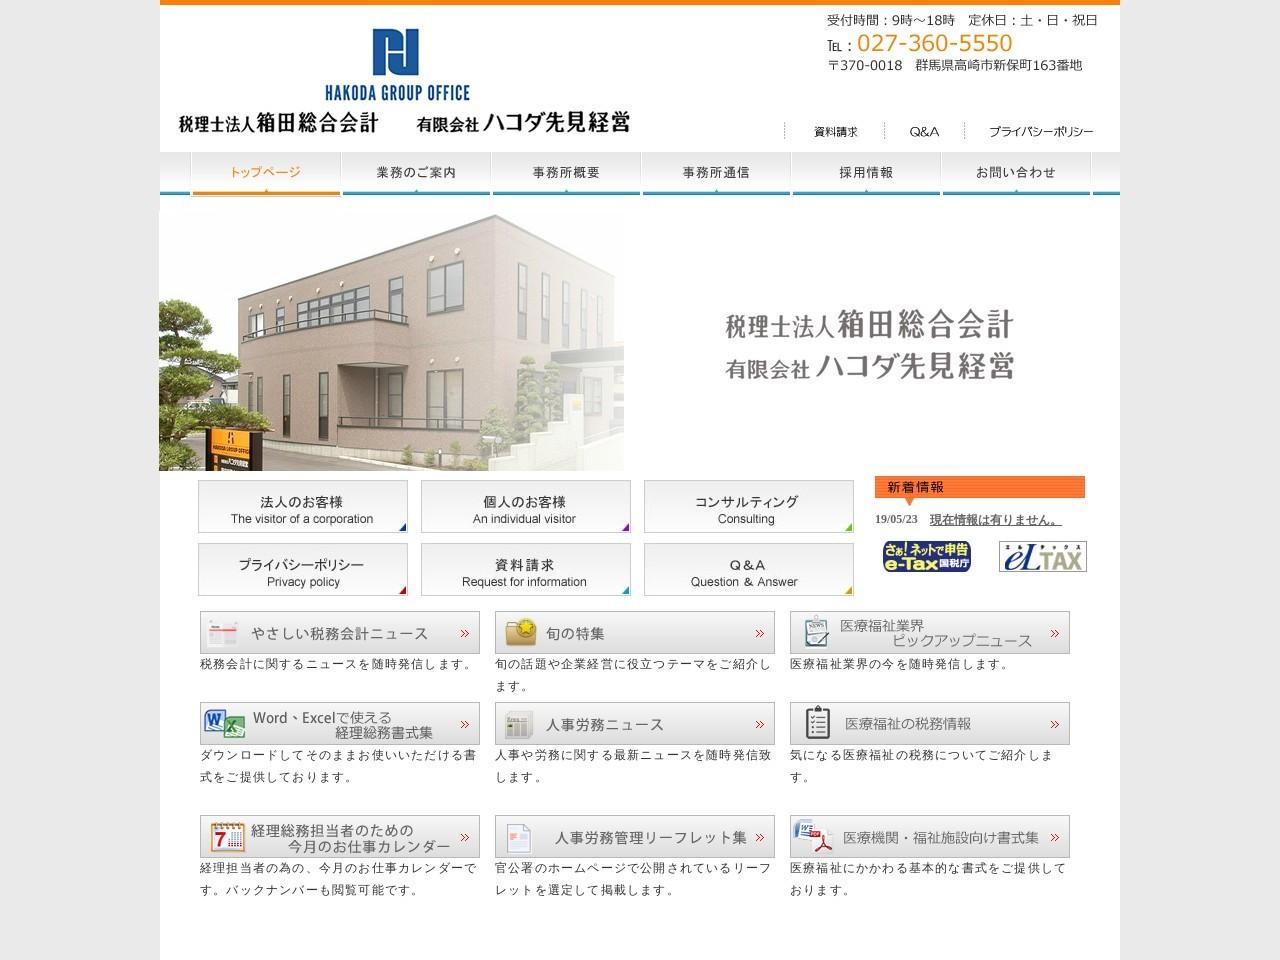 箱田税務会計事務所